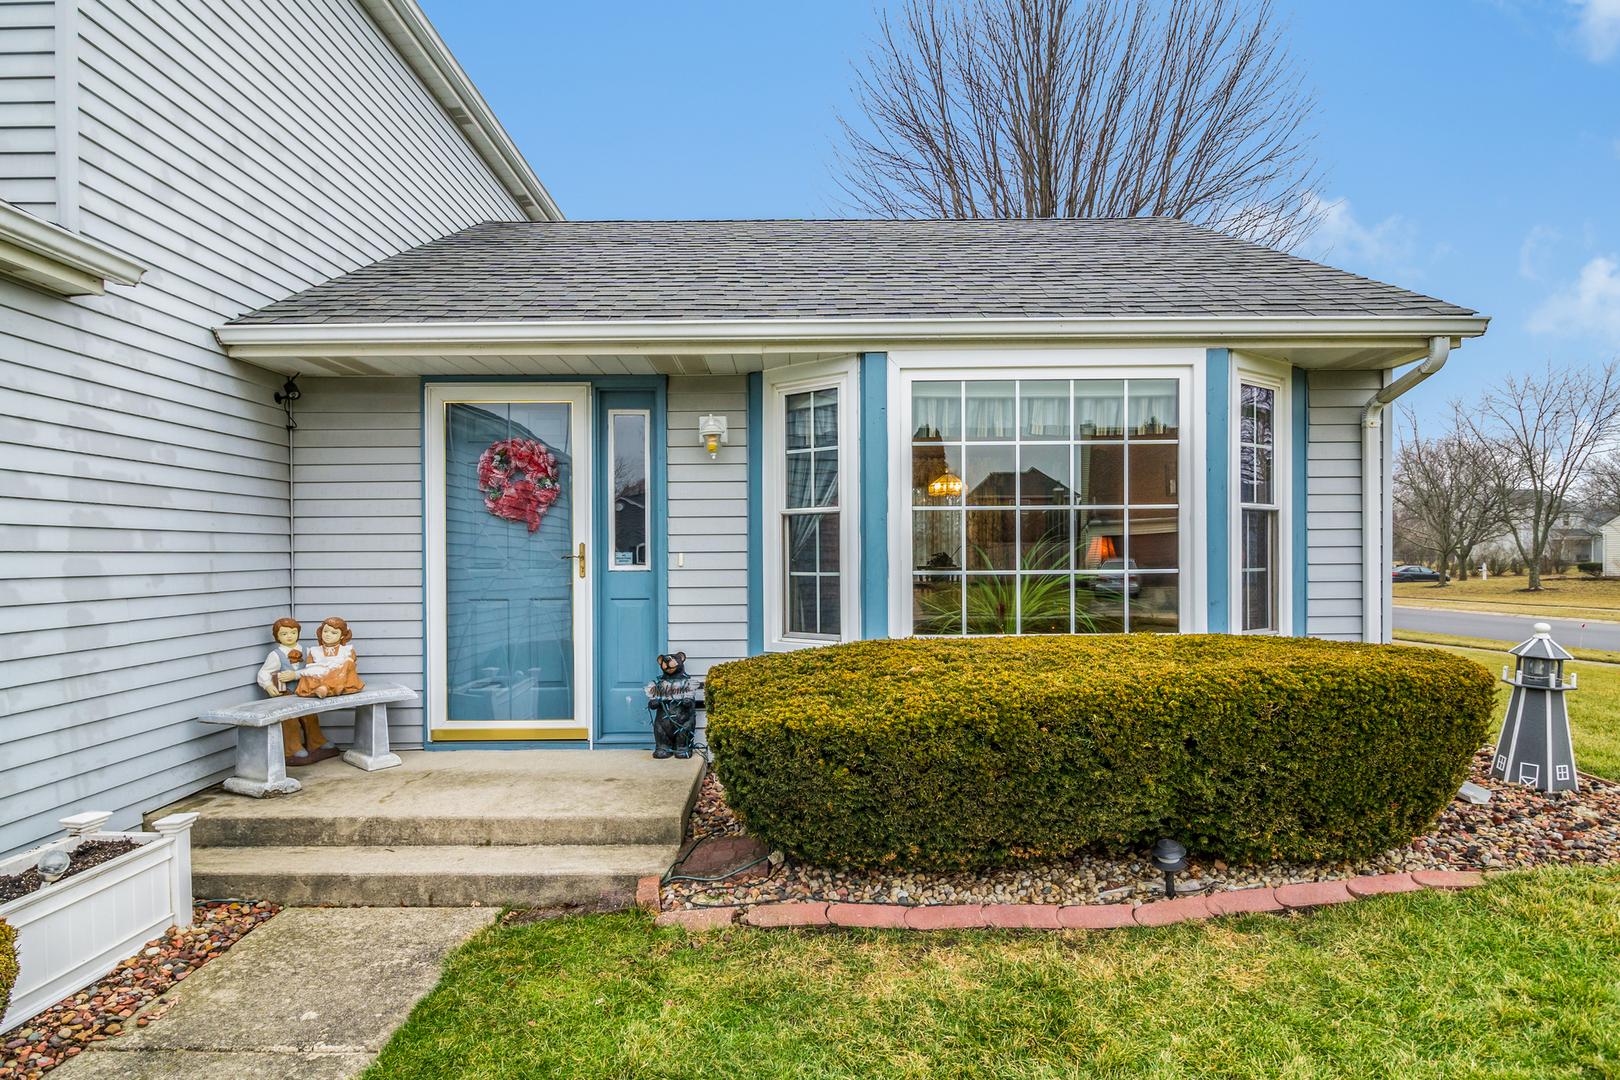 870 Fieldside, Aurora, Illinois, 60504